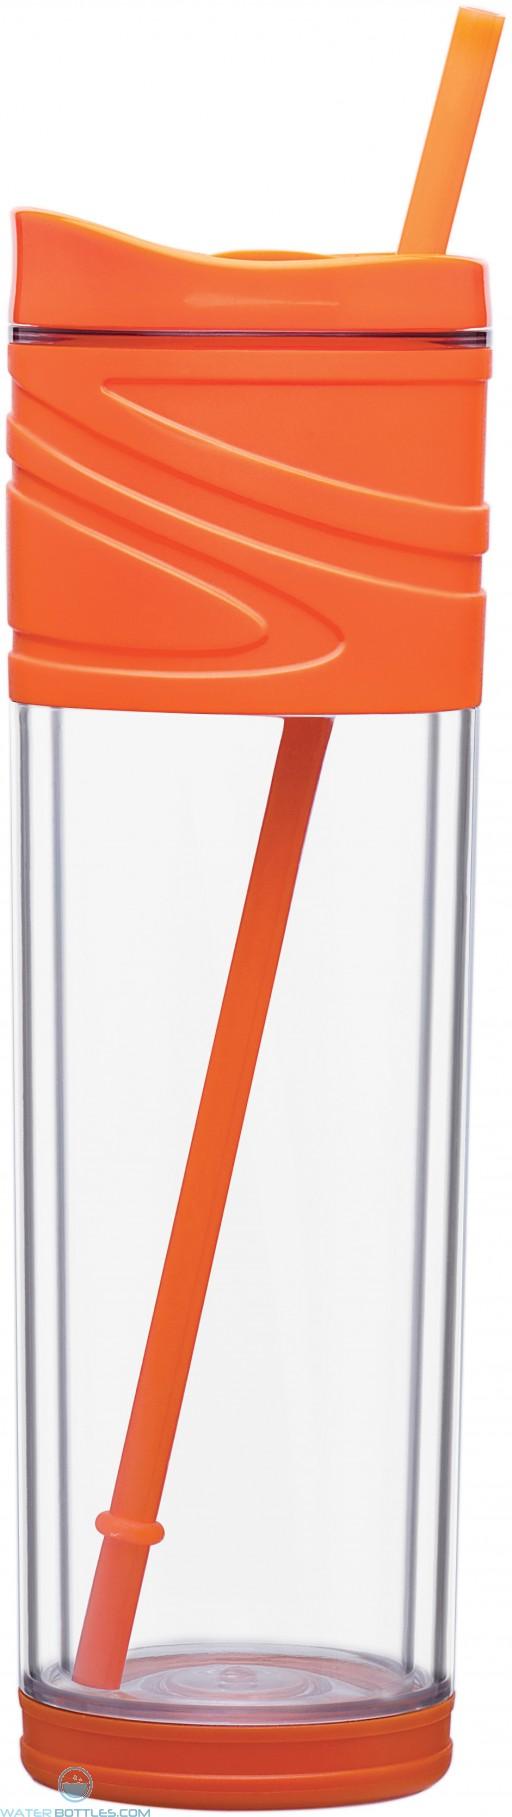 Melrose Water Bottles | 16 oz - Orange